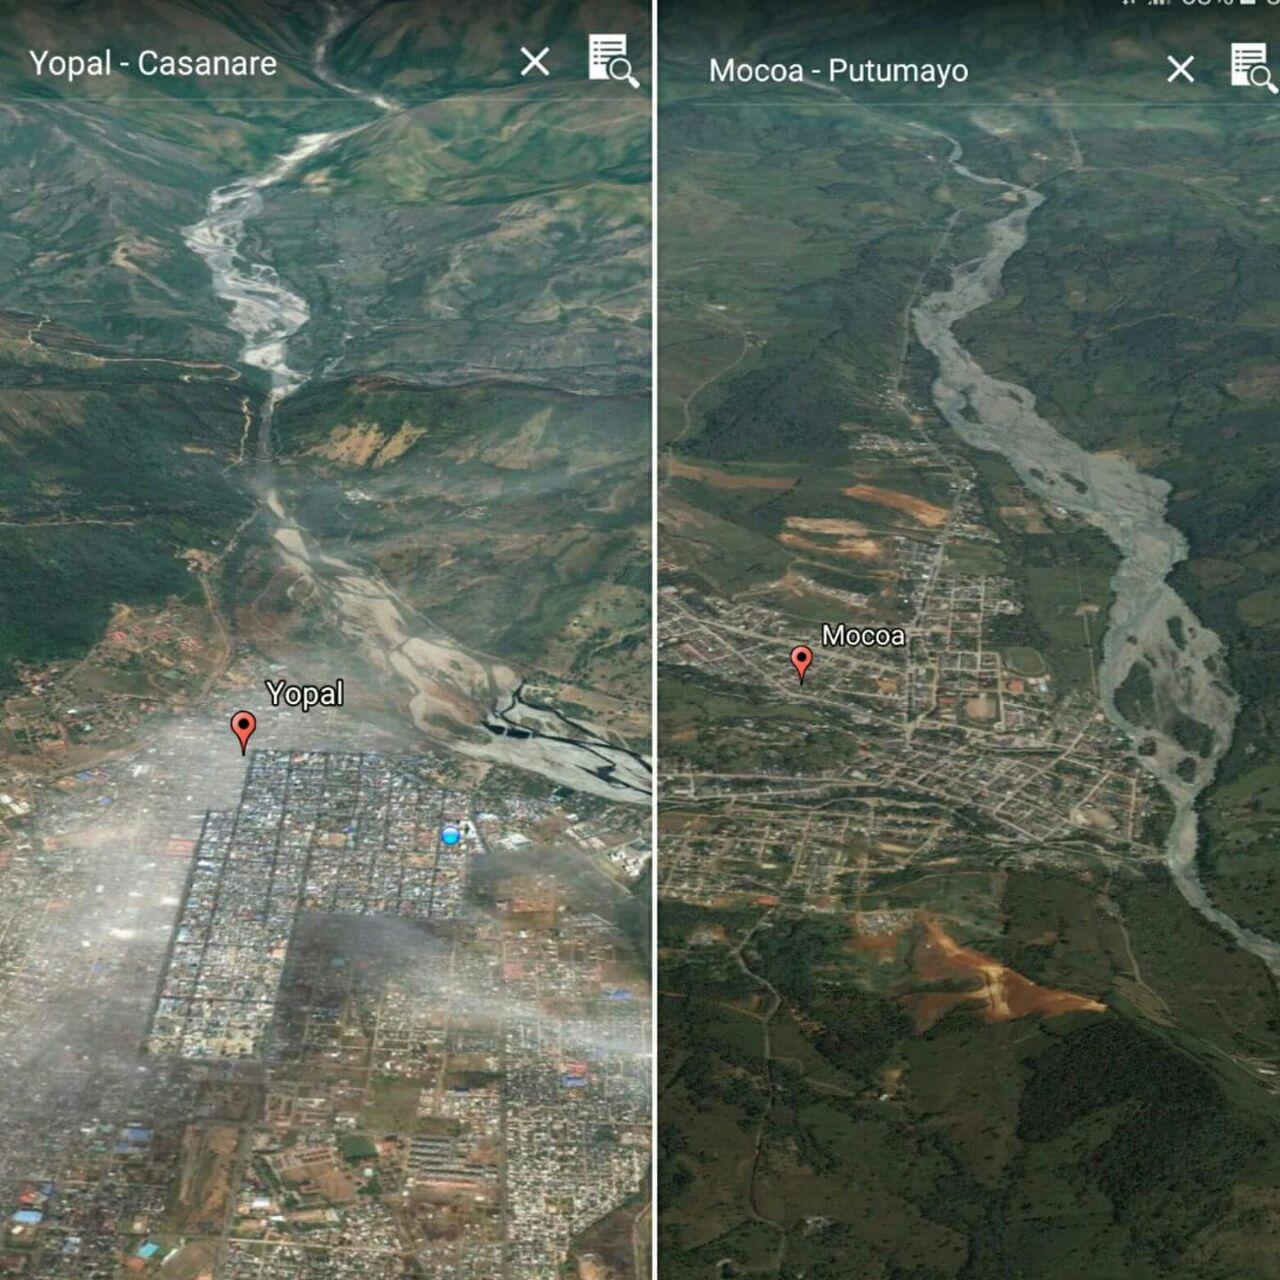 En Yopal podría presentarse desastre ocurrido en Mocoa